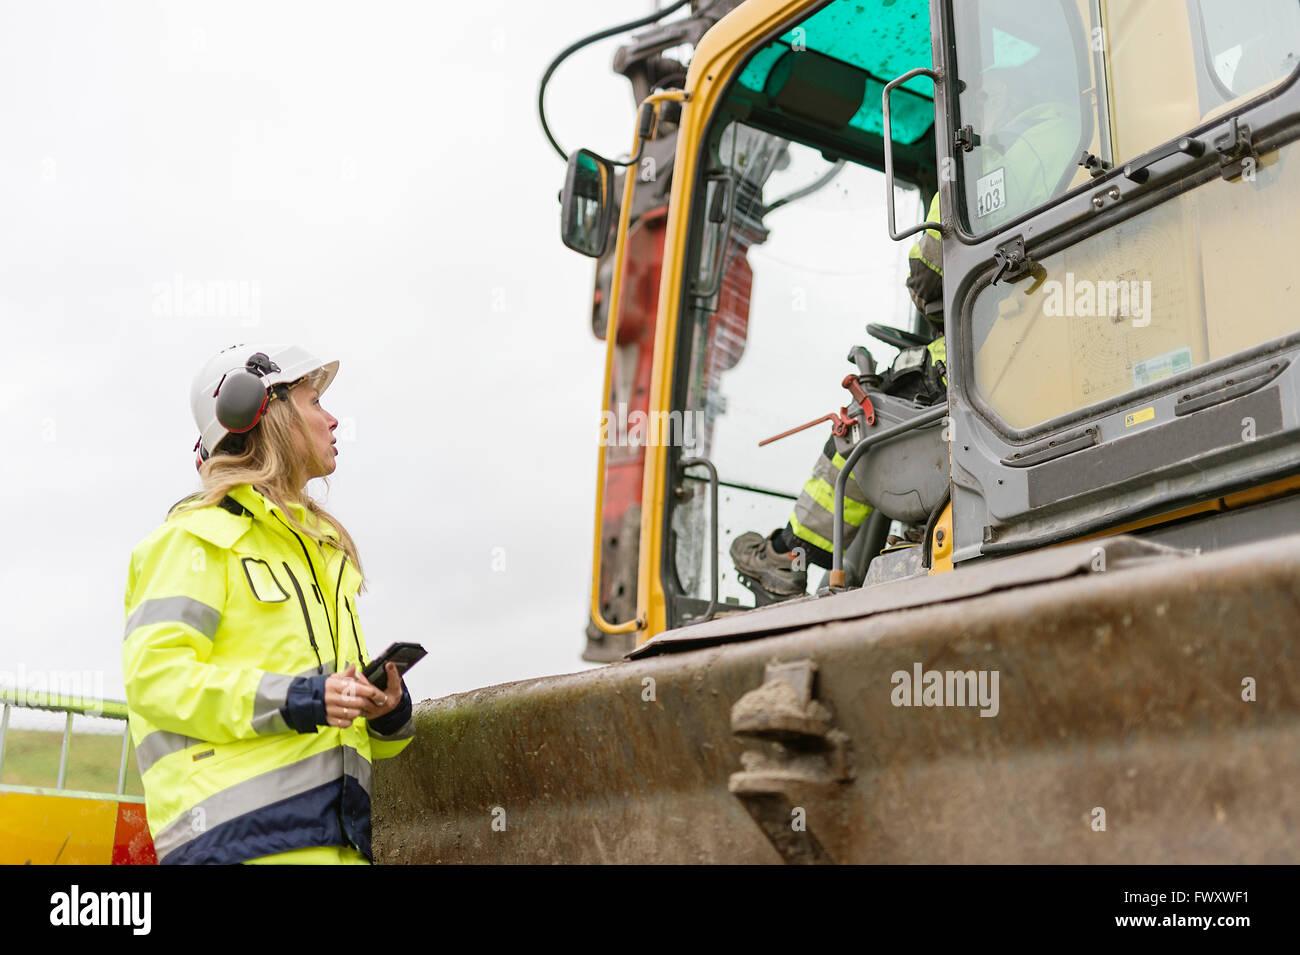 Schweden, Vastmanland, Frau im Gespräch mit Mann im Inneren Bagger auf Baustelle Stockbild